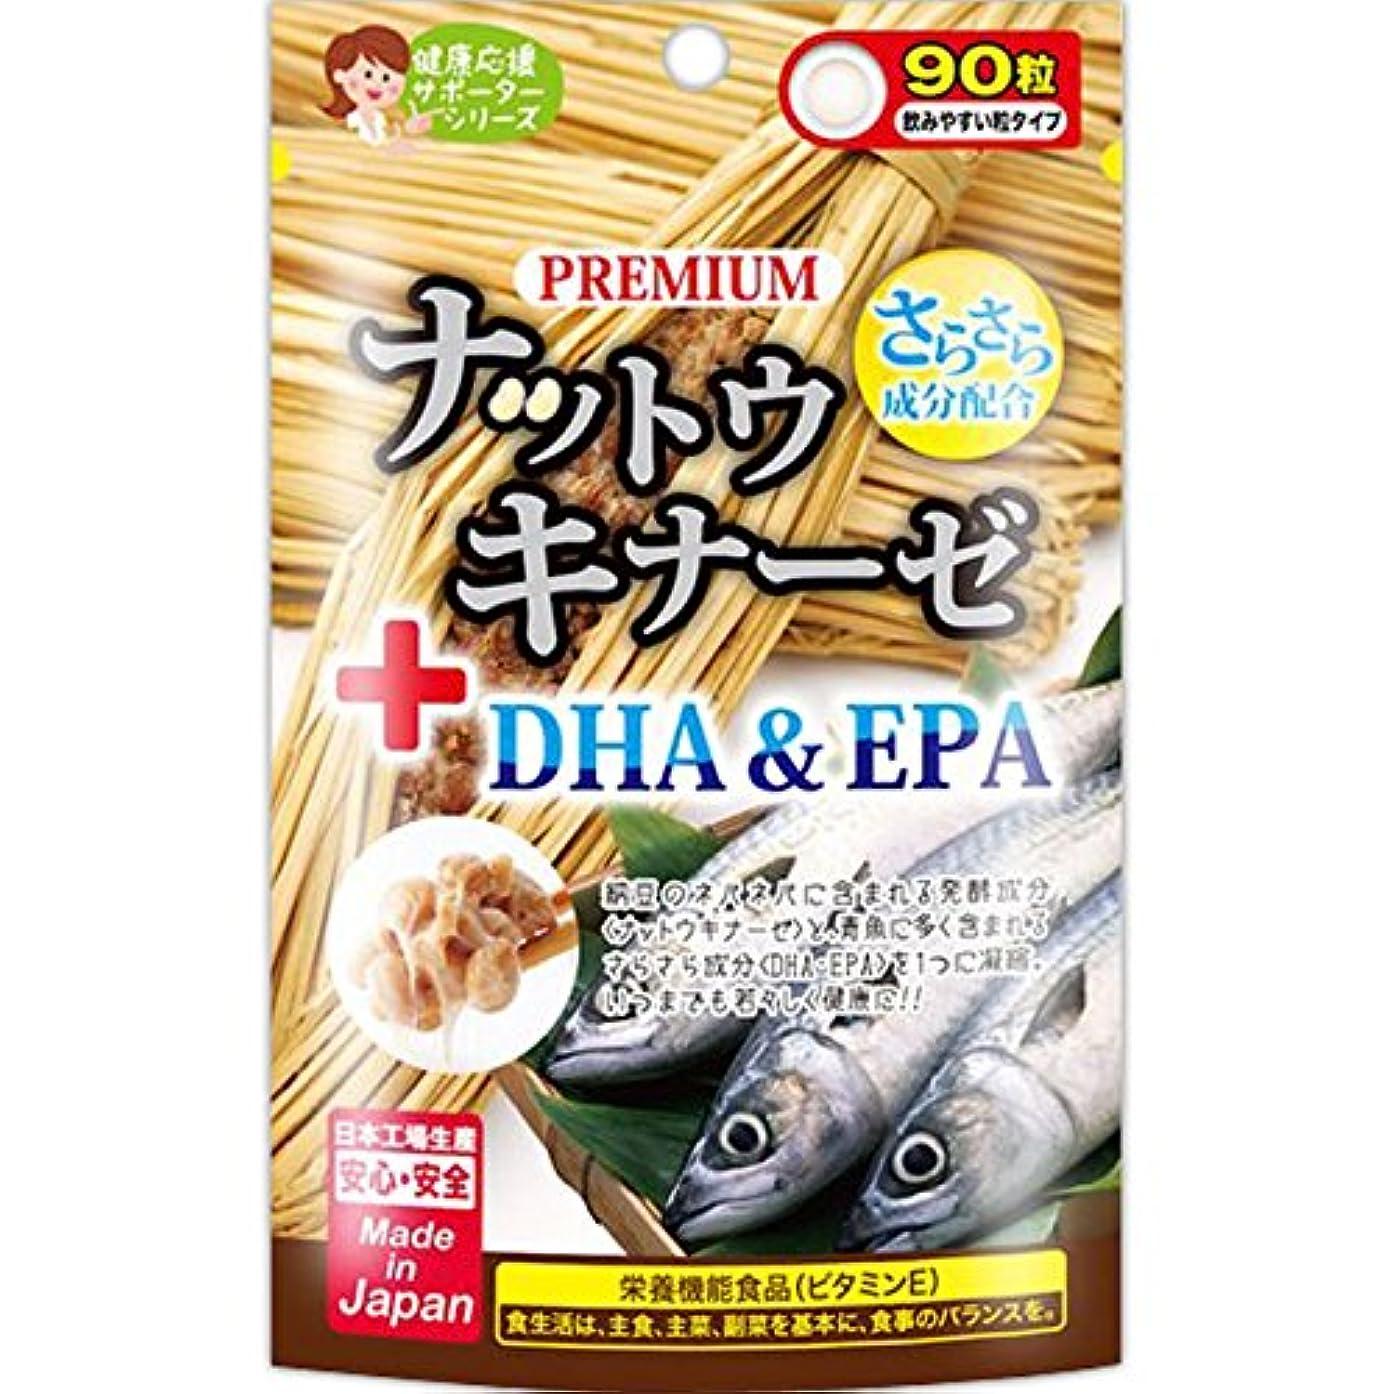 変形するありそう誰でもジャパンギャルズ プレミアムナットウキナーゼ+DHA&EPA 90粒×5個セット